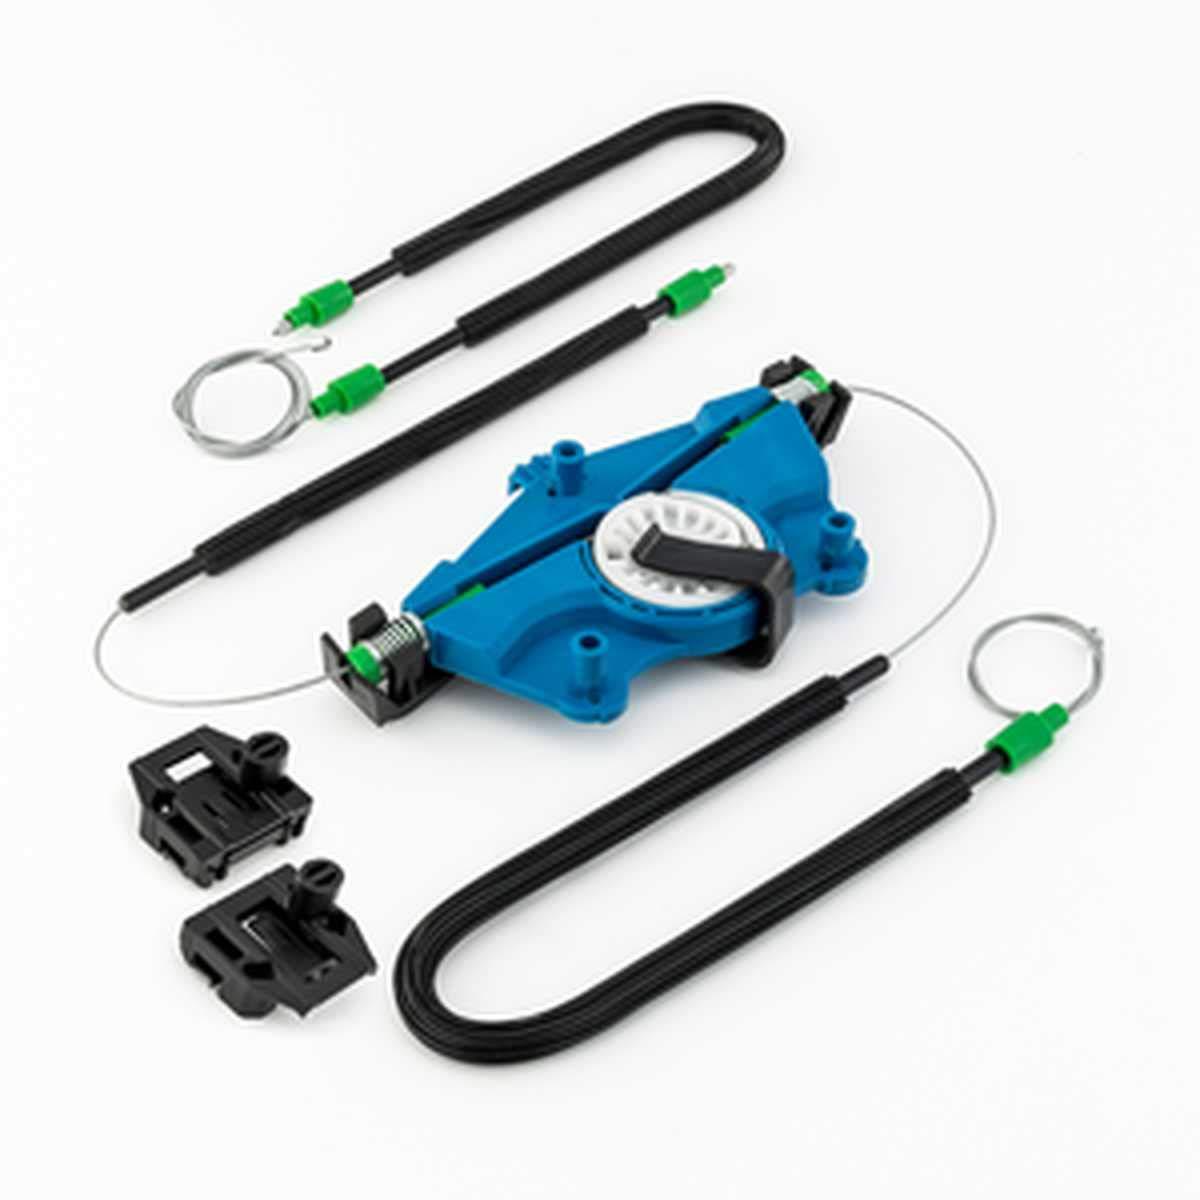 Fensterheber Reparatursatz Set mit Motordeckel VL f/ür SEAT LEON 1M 99-06